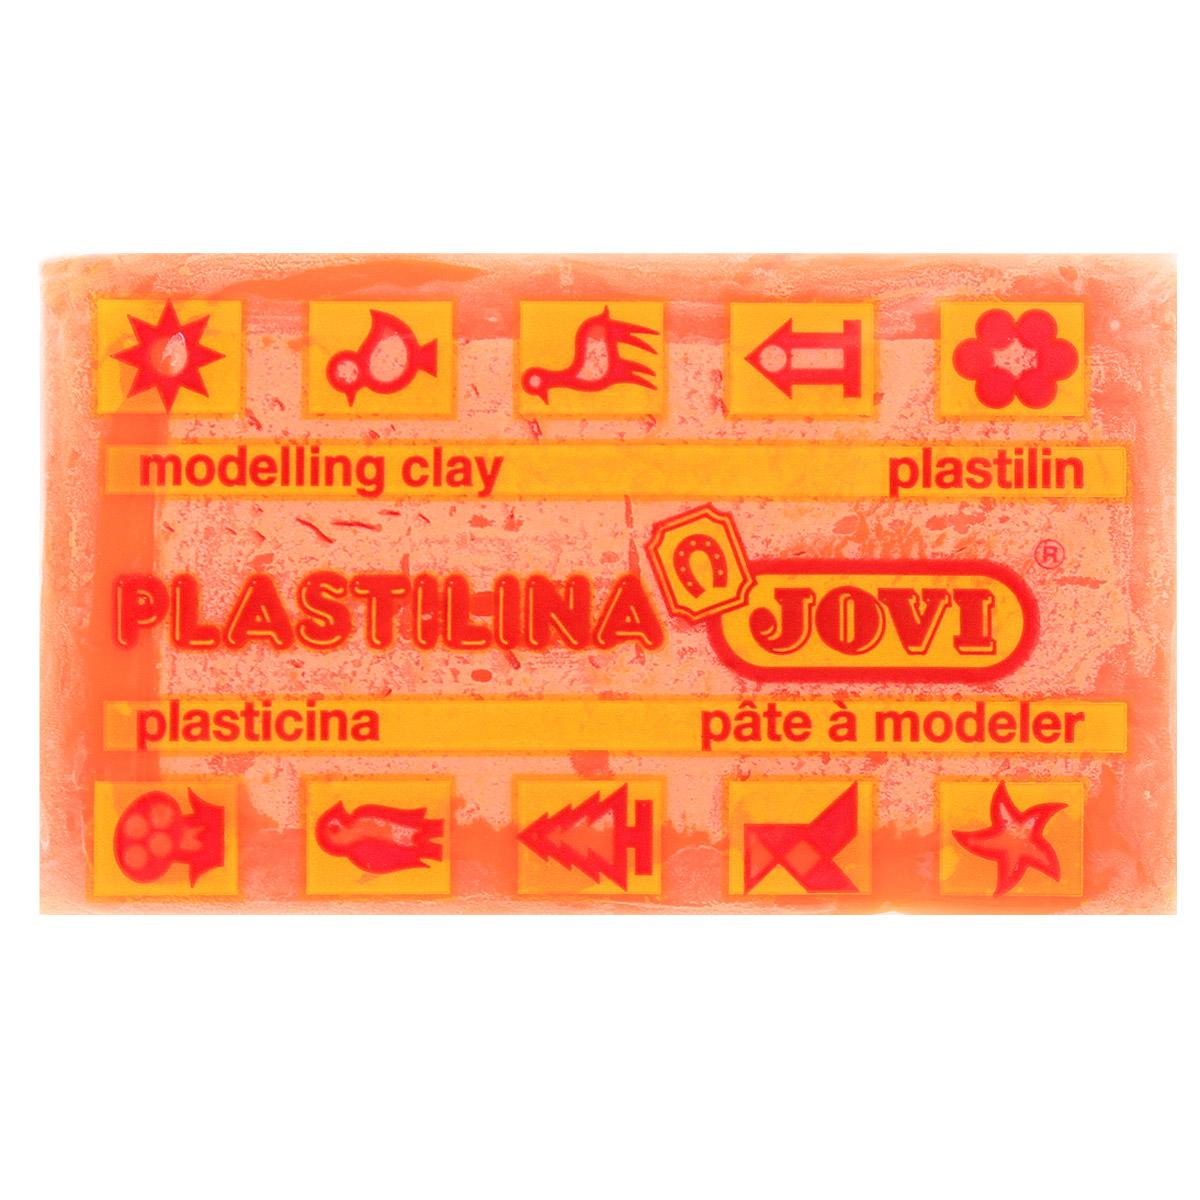 Jovi Пластилин флюоресцентный, цвет: ярко-оранжевый, 50 г paola reina пупс горди без одежды 34 см 34029 34030